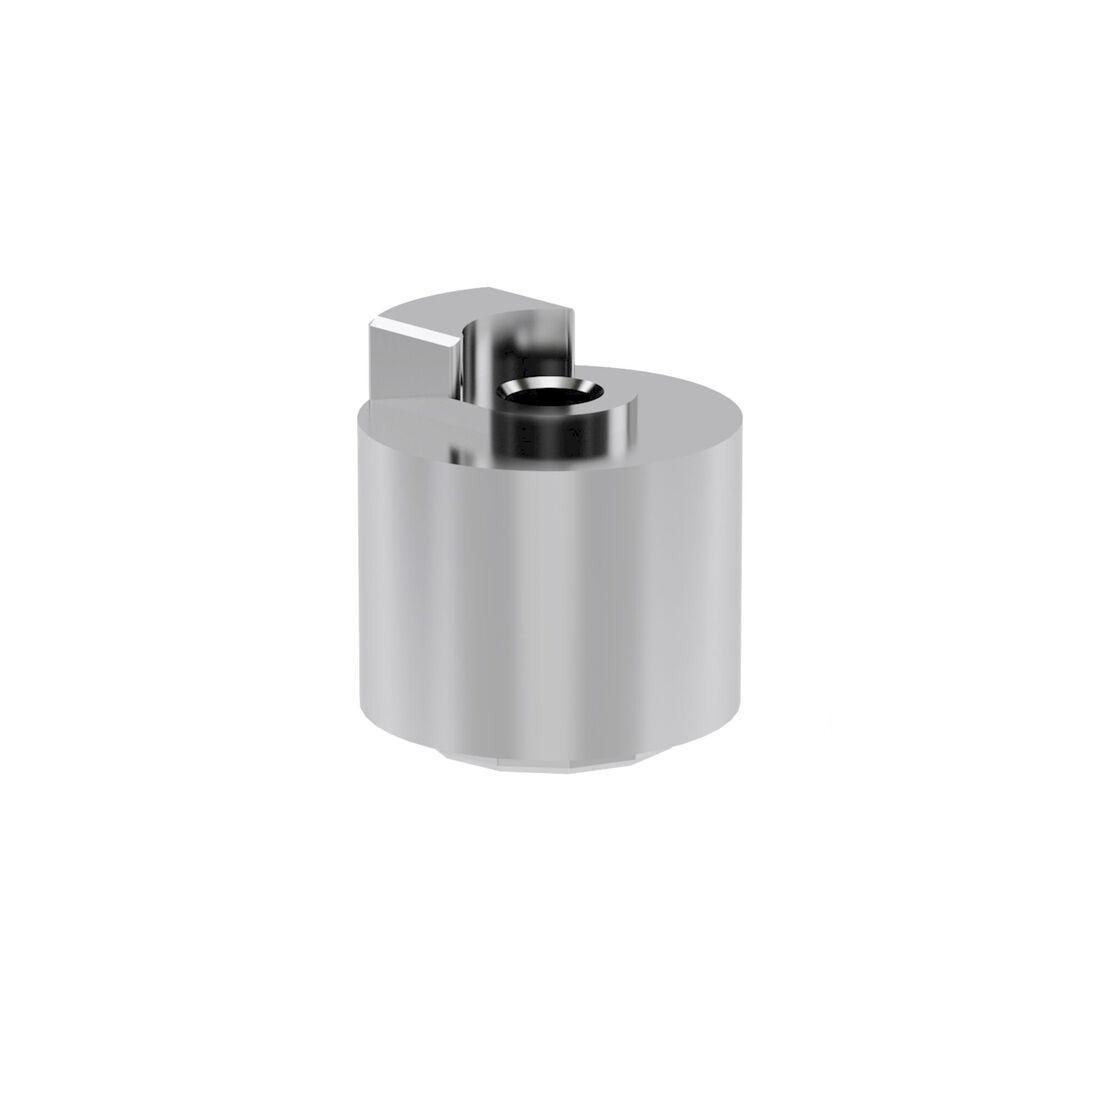 CYBEX Abstandshalter für Schnellspannachsen  17 mm in Silver - 17mm large Bild 1